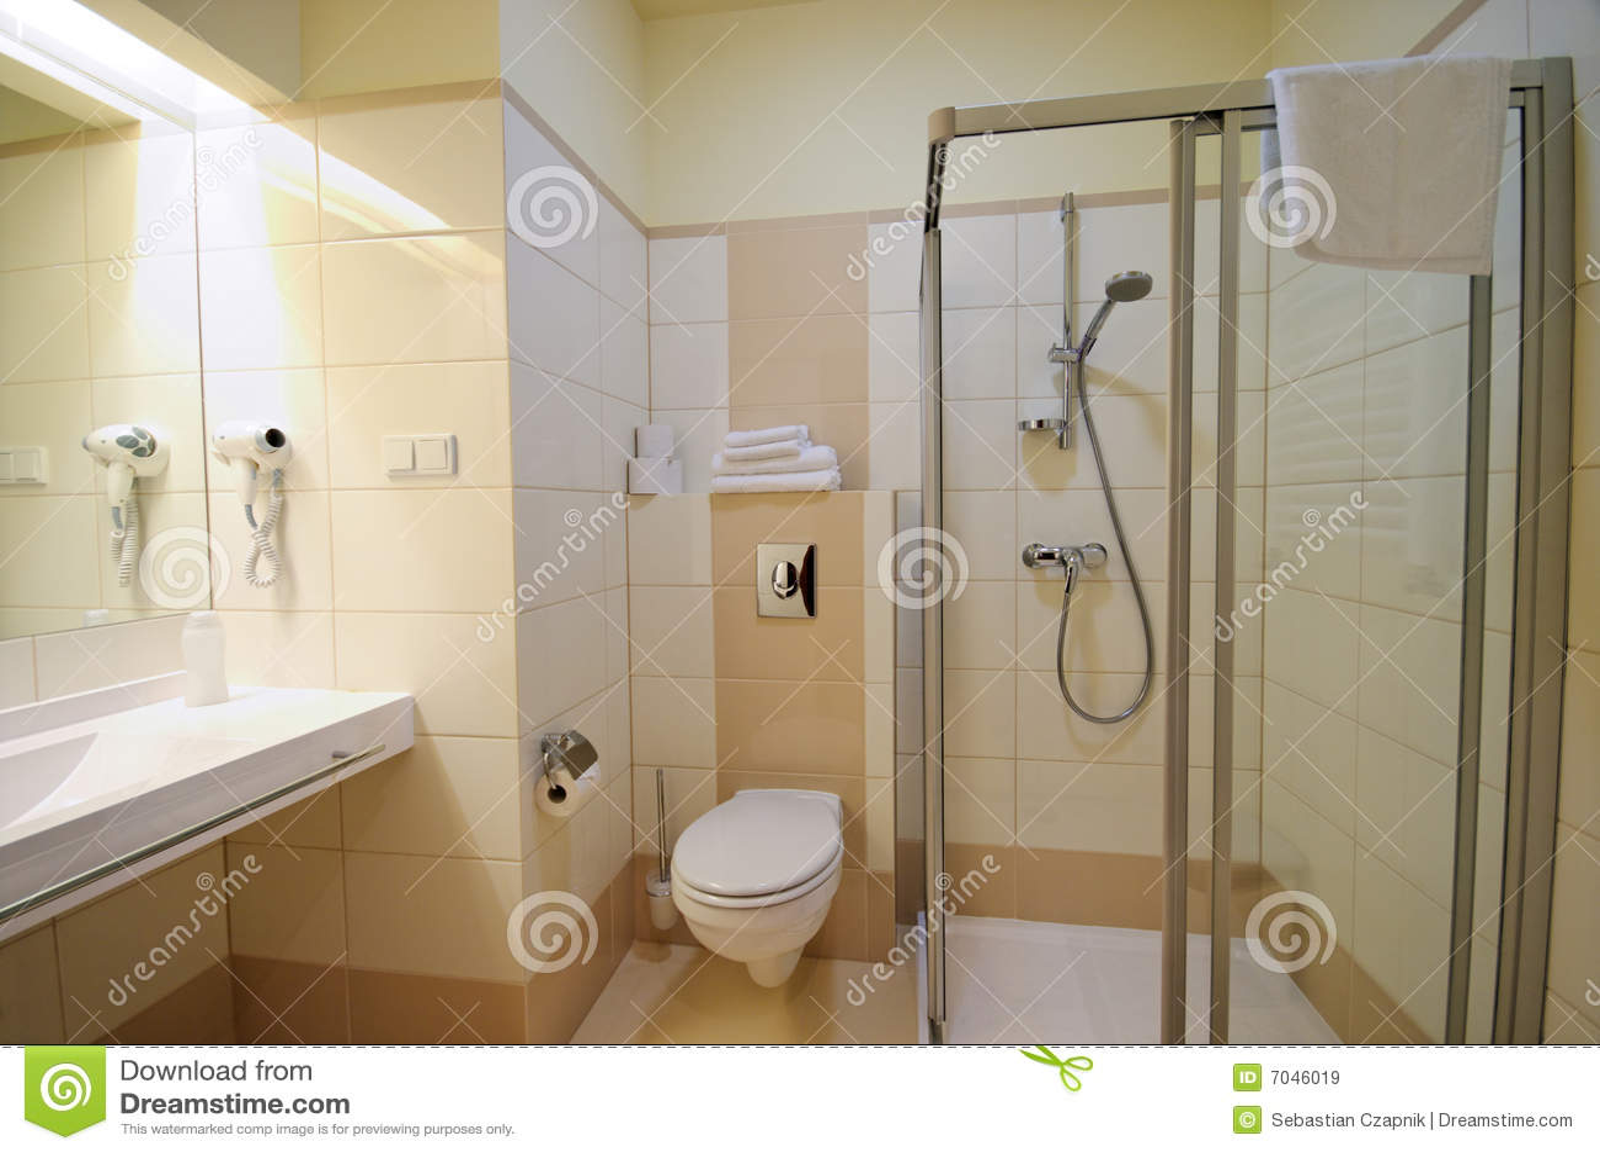 Banheiro Bege Imagens de Stock Royalty Free Imagem: 7046019 #85A922 1300x954 Banheiro Bege Fotos